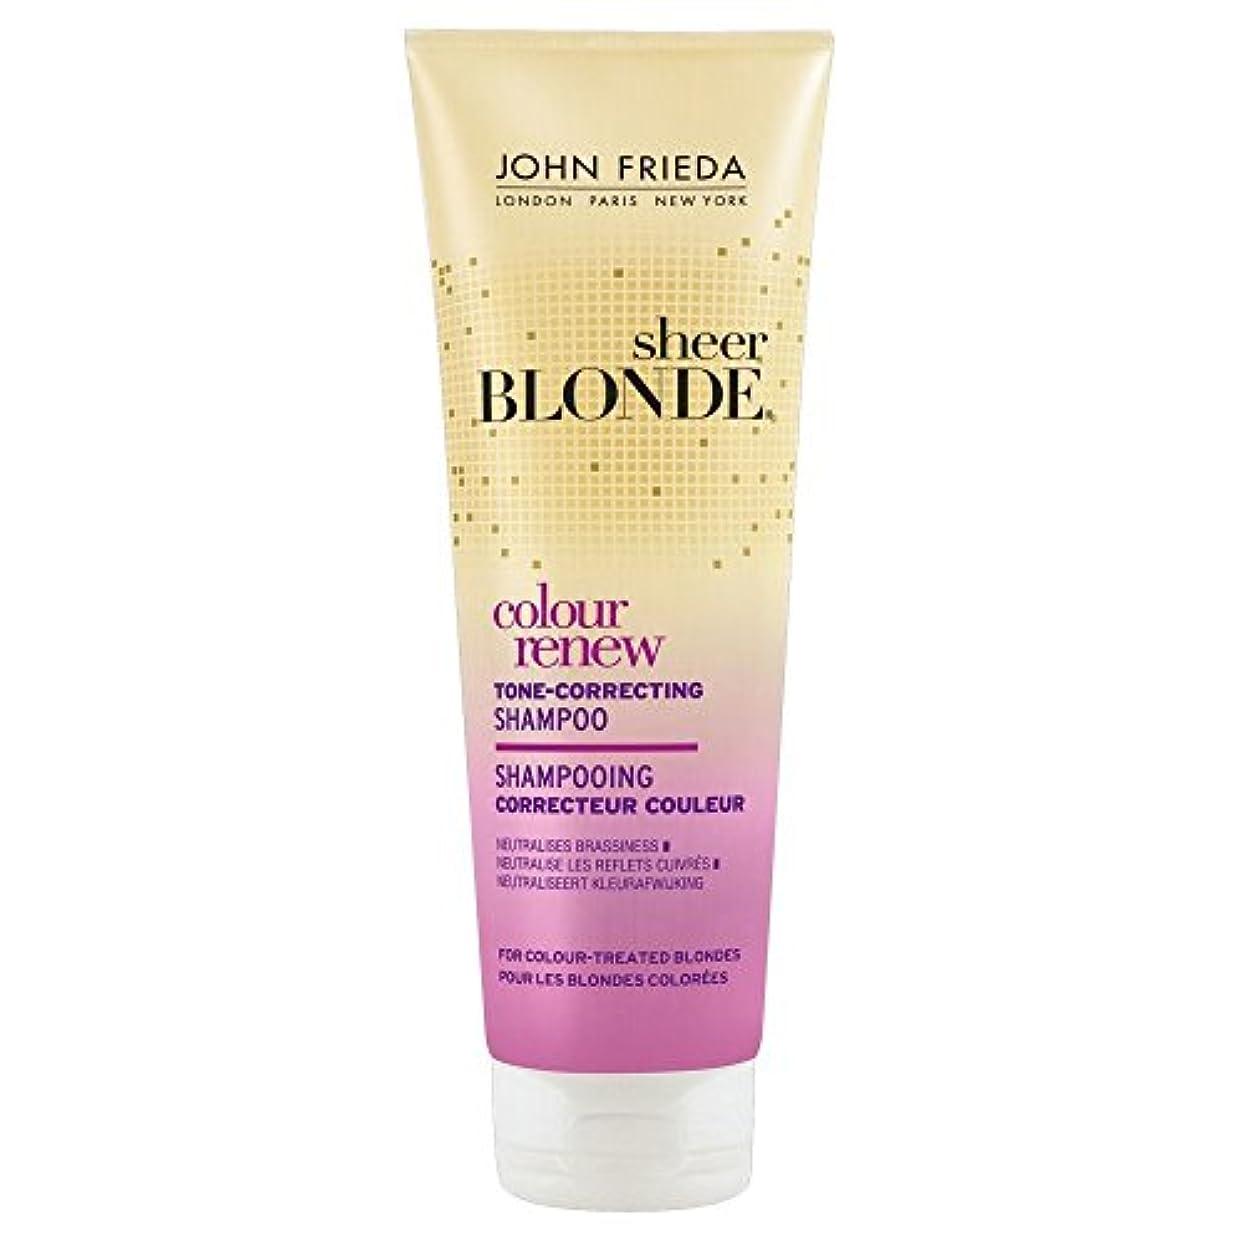 繊細個人チラチラするJohn Frieda Sheer Blonde Colour Renew Tone Correcting Shampoo (250ml) ジョン?フリーダ全くのブロンド色は色調を補正シャンプー( 250ミリリットル)を...